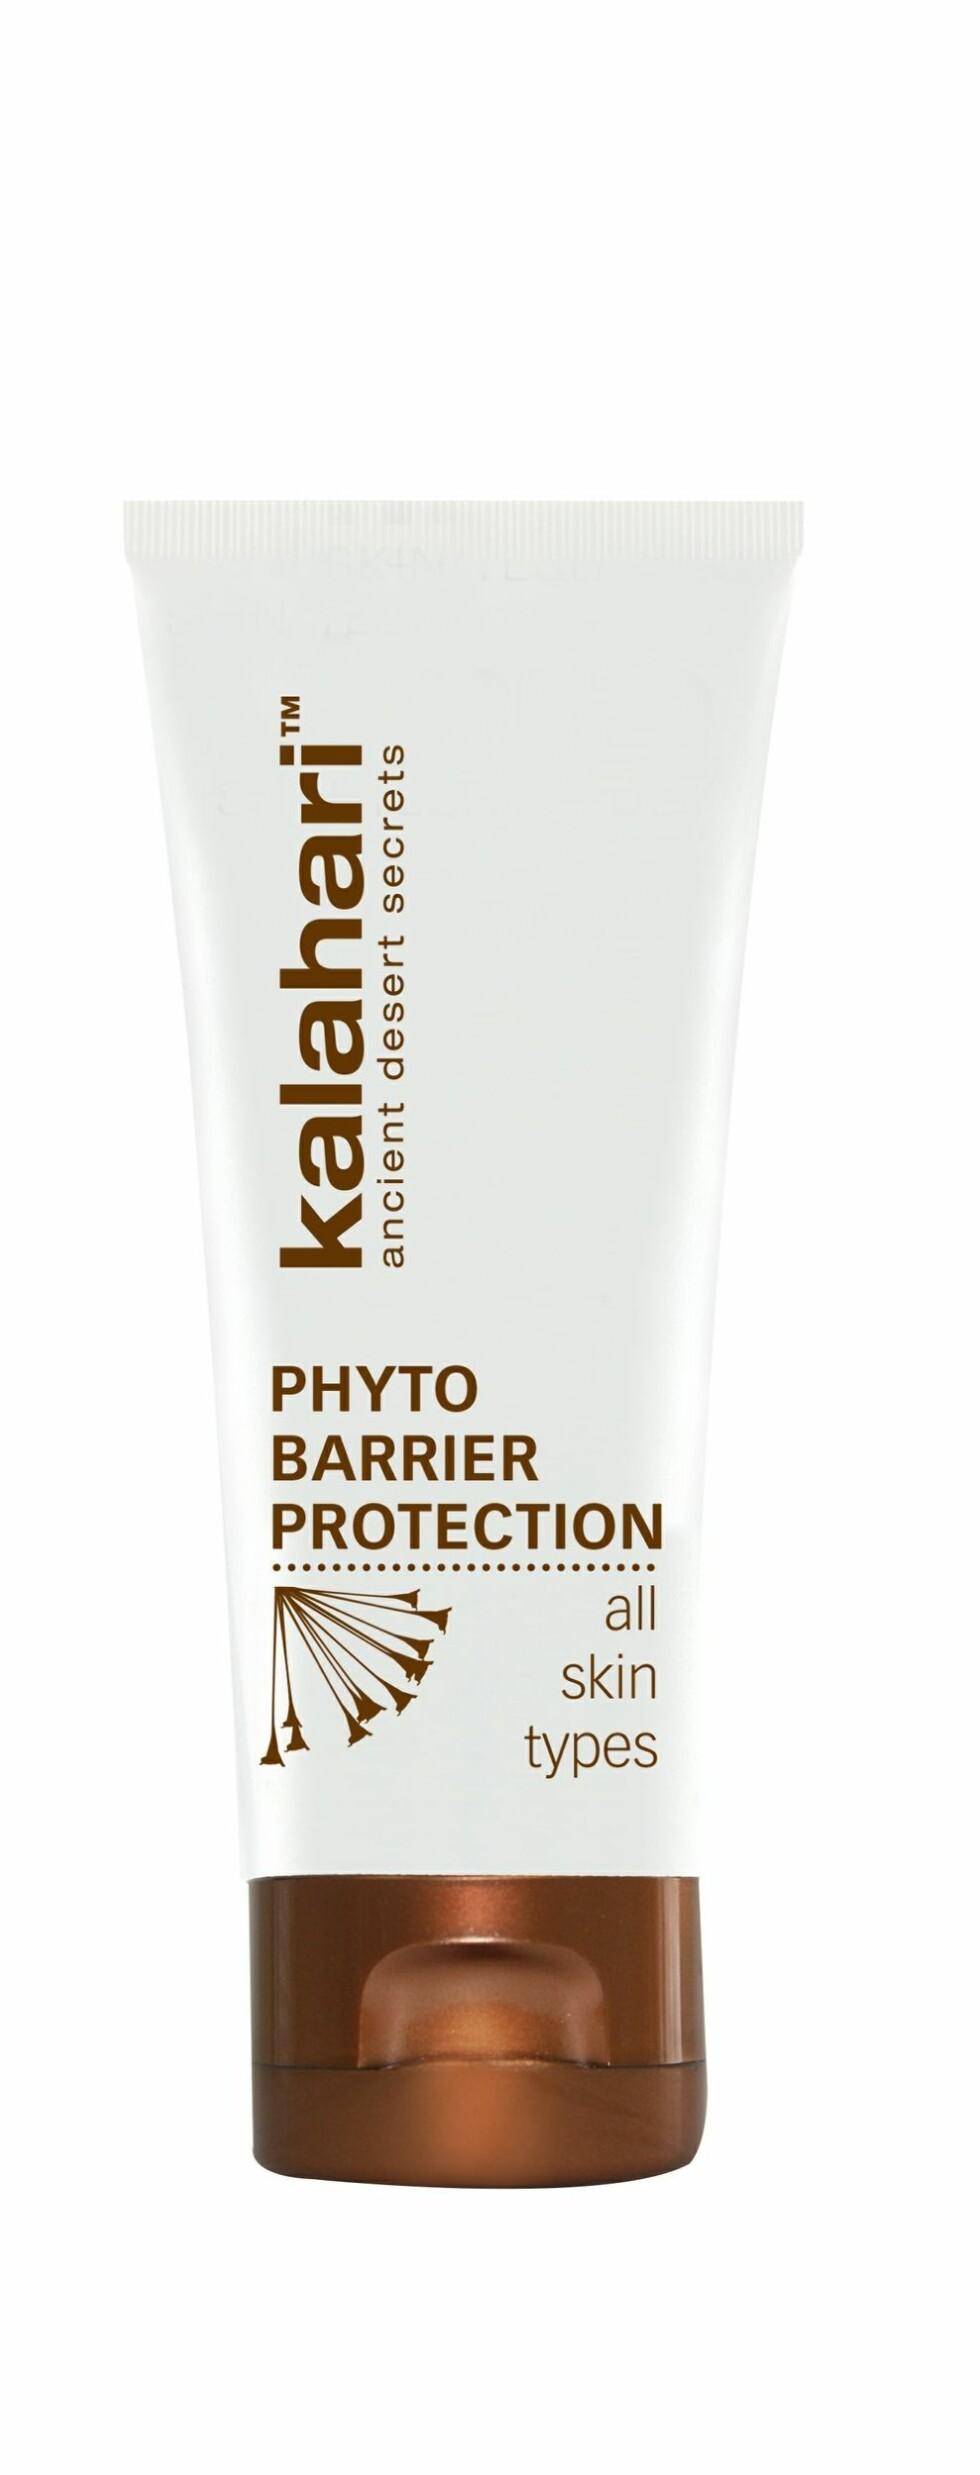 Klimakrem med SPF og pleiende ingredienser fra Kalahariørkenen (kr 410, Kalahari Phyto Barrier Protection). Foto: Produsenten